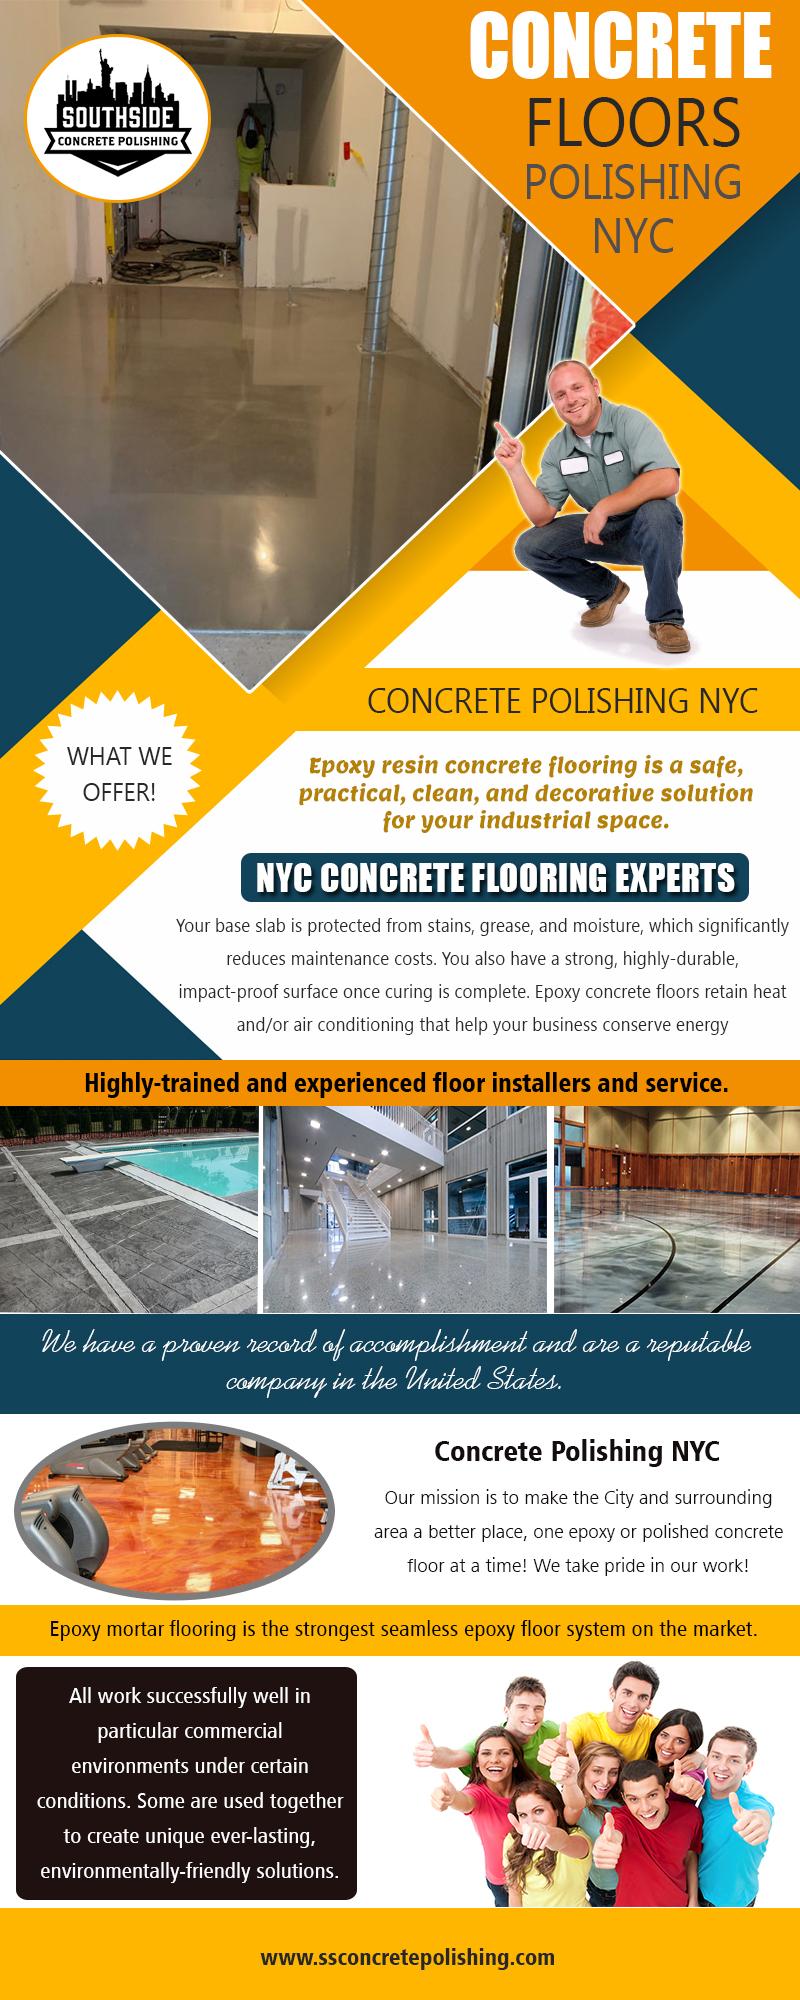 Concrete Floors Polishing NYC